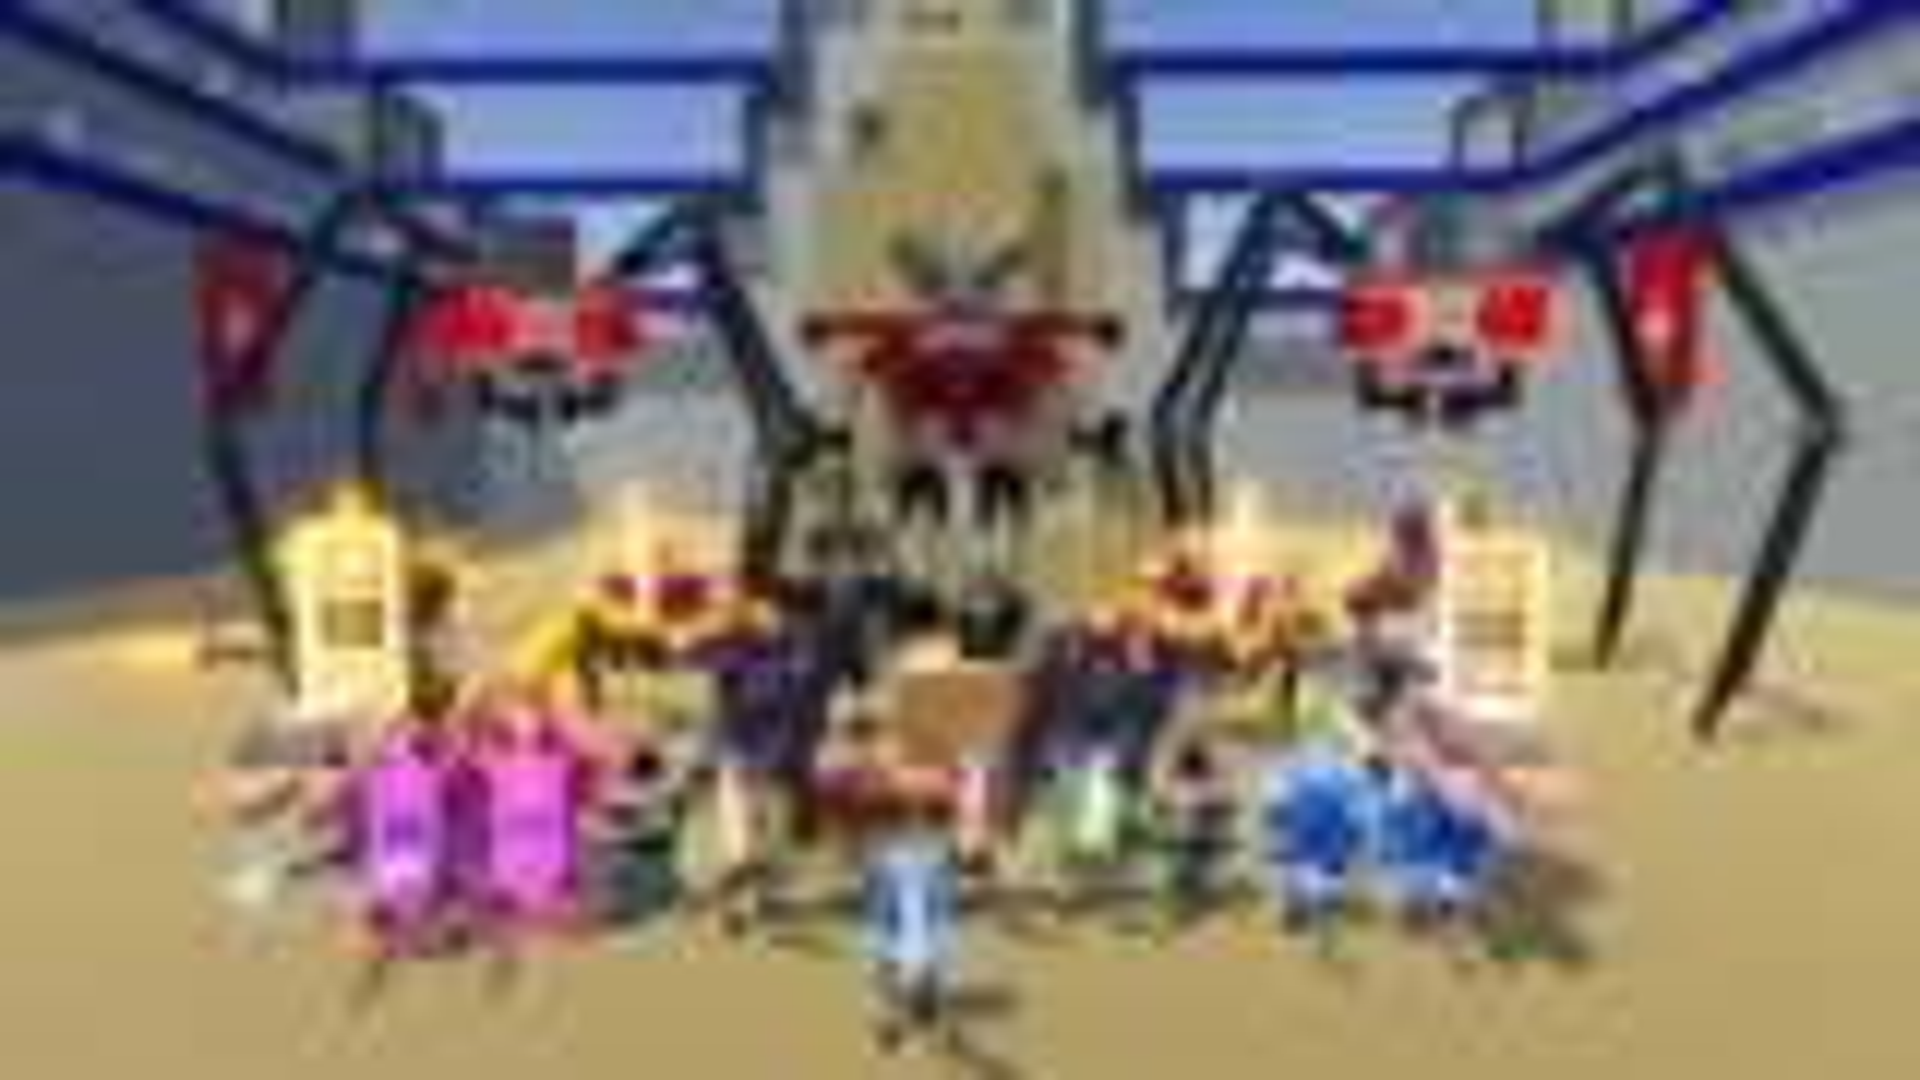 机器人大乱斗:超多机器人疯狂混战,谁才是最强的机械战士!